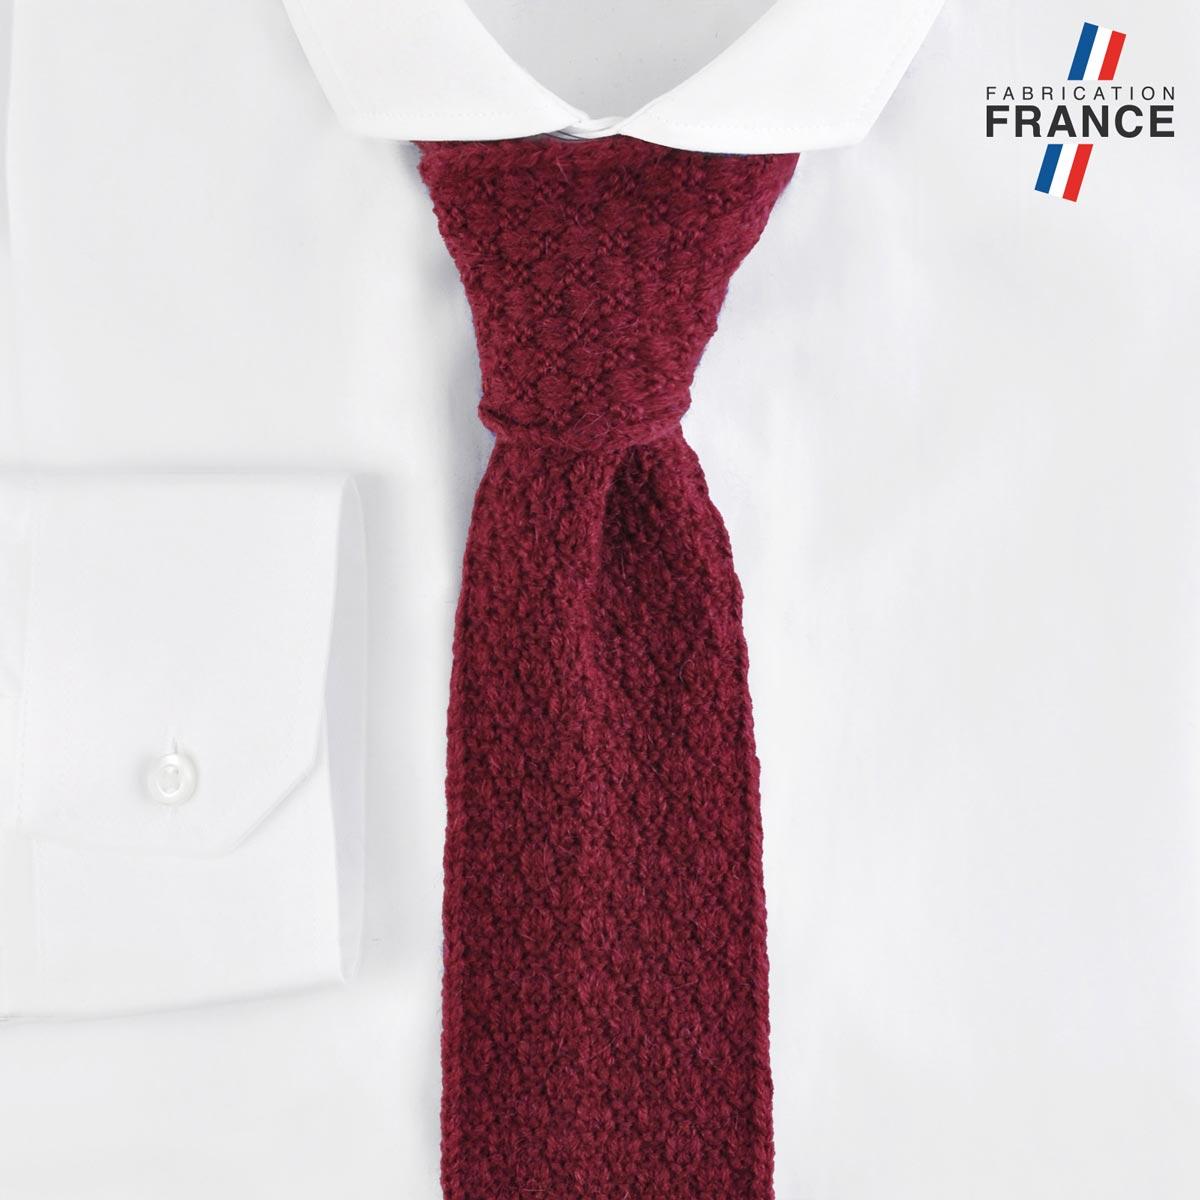 CV-00462_F12-2FR_Cravate-tricot-rouge-bordeaux-fabrication-francaise